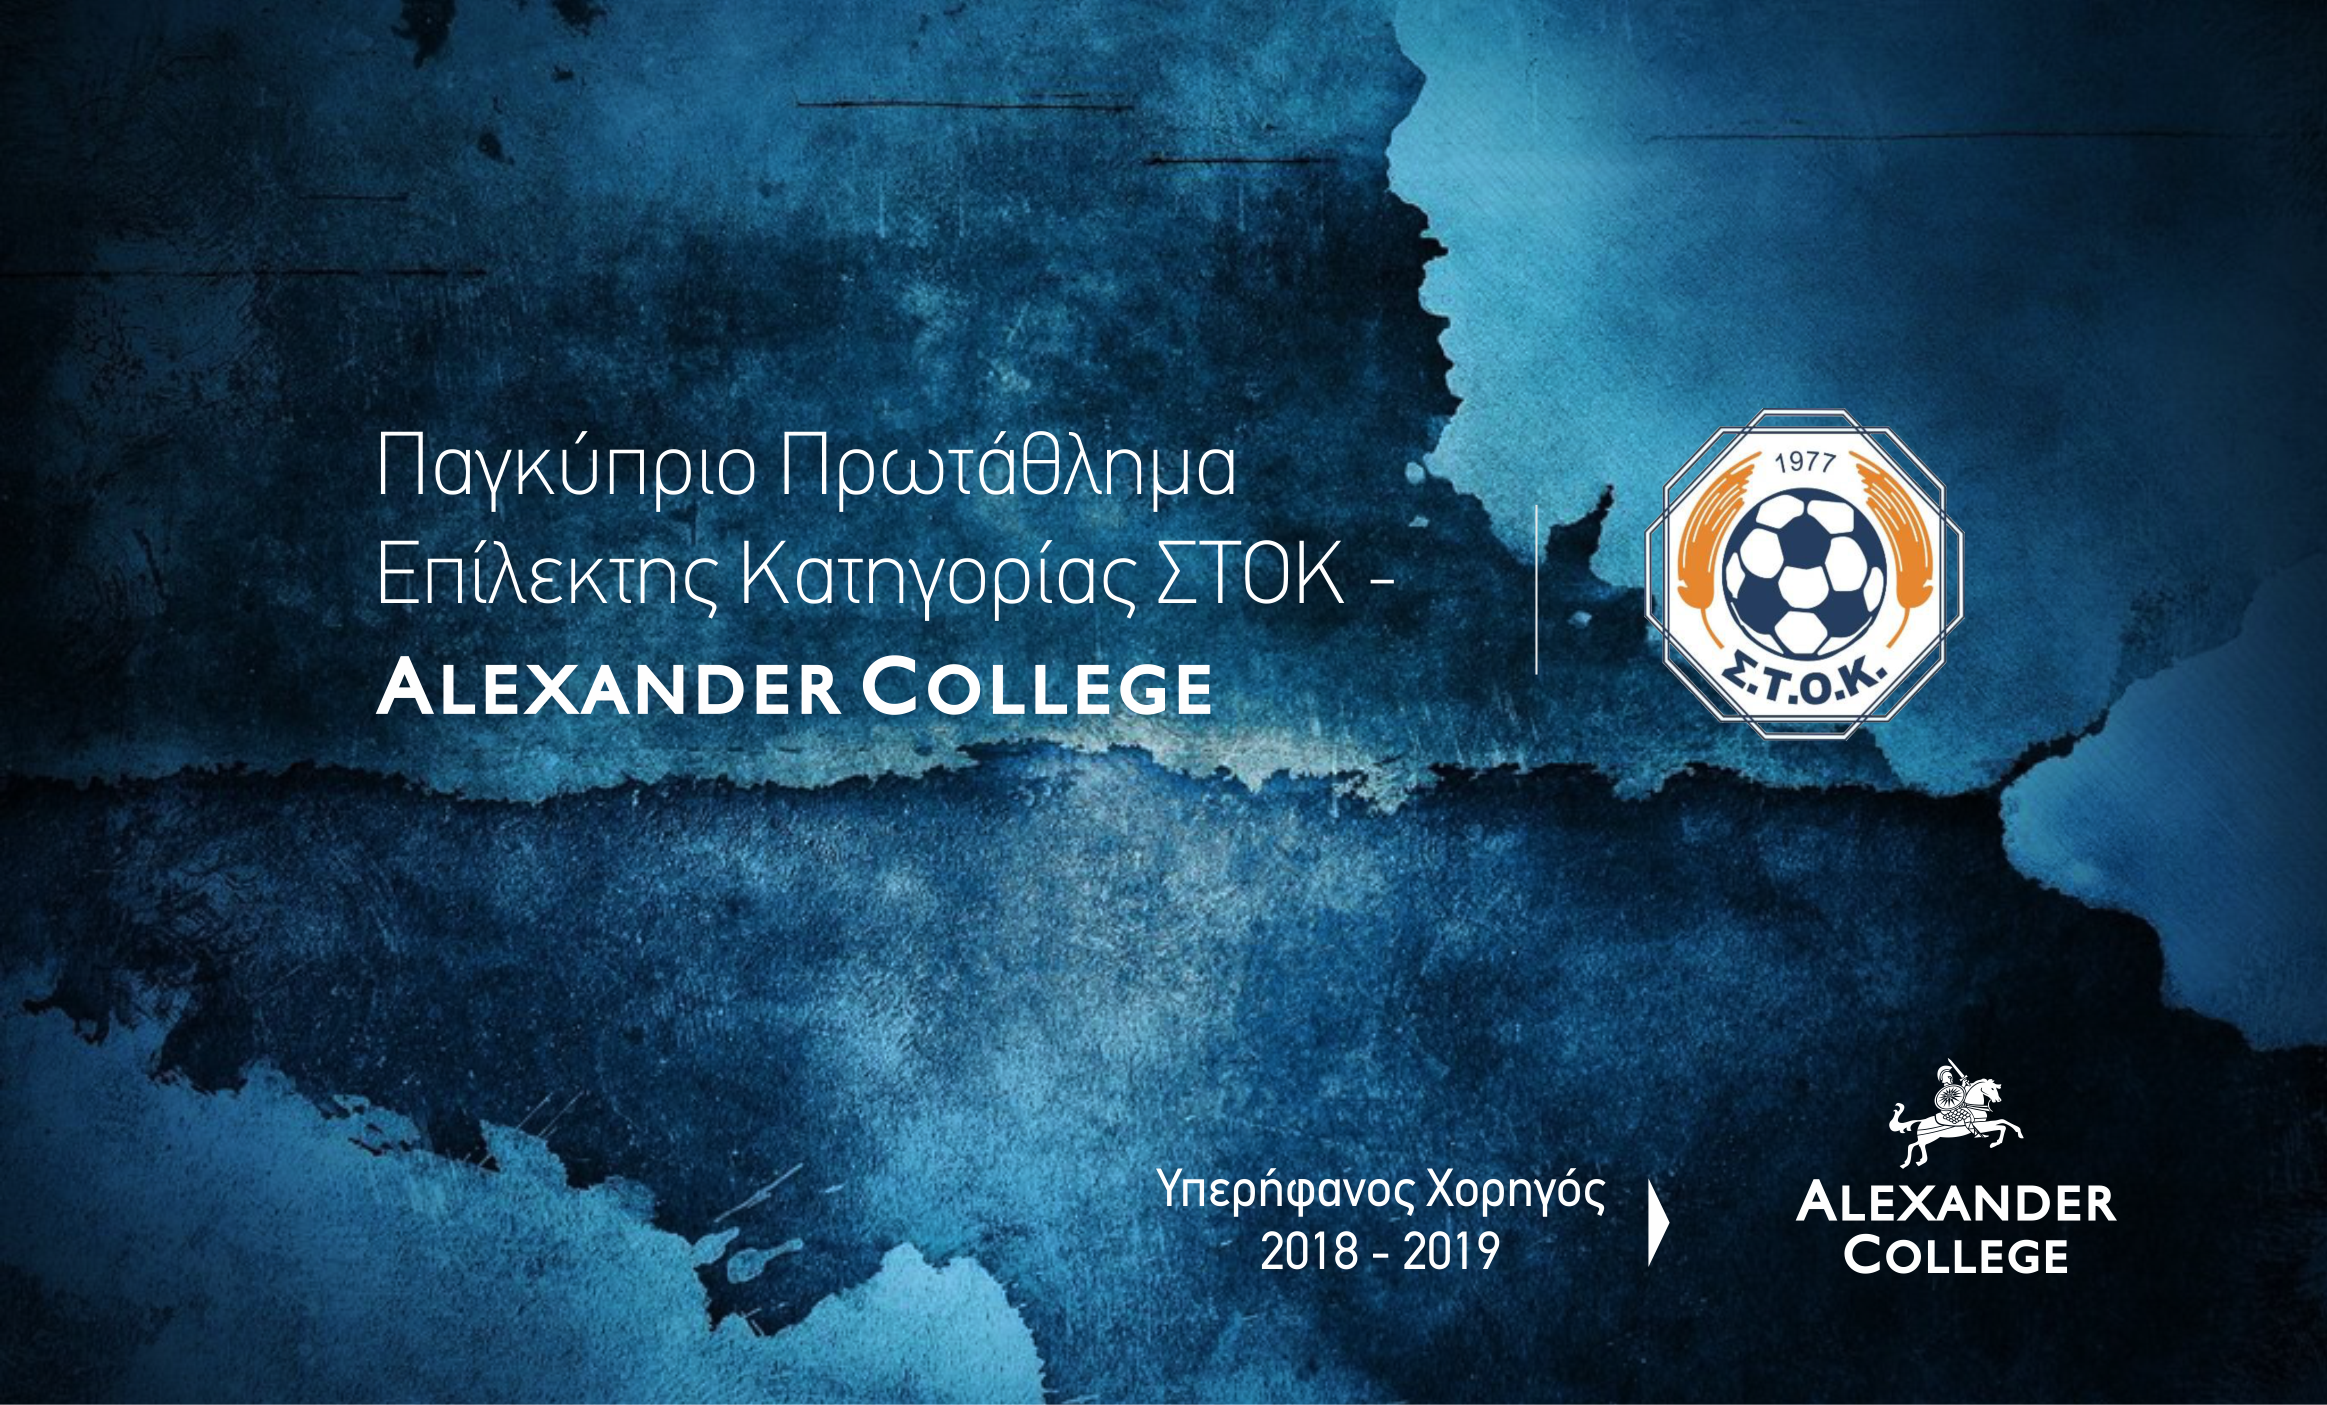 Έναρξη συνεργασίας ανάμεσα στη «Συνομοσπονδία Τοπικών Ομοσπονδιών Κύπρου» και Alexander College